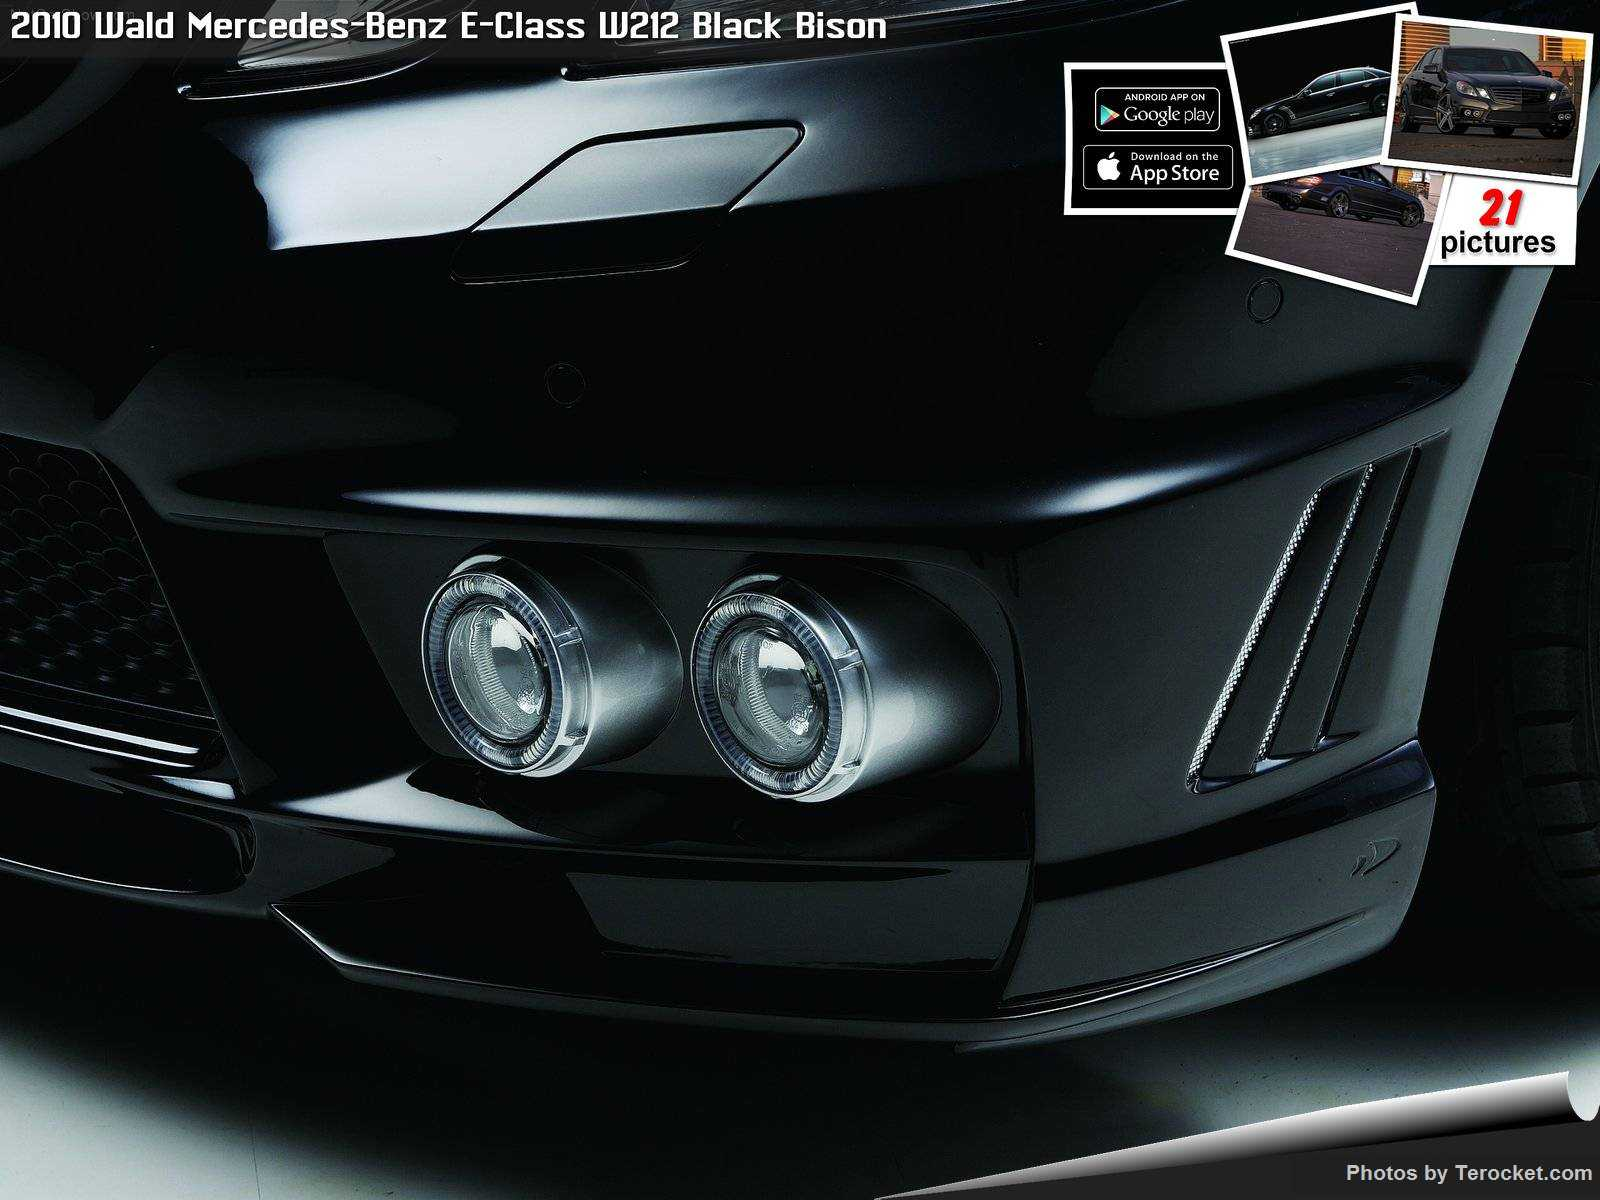 Hình ảnh xe độ Wald Mercedes-Benz E-Class W212 Black Bison 2010 & nội ngoại thất